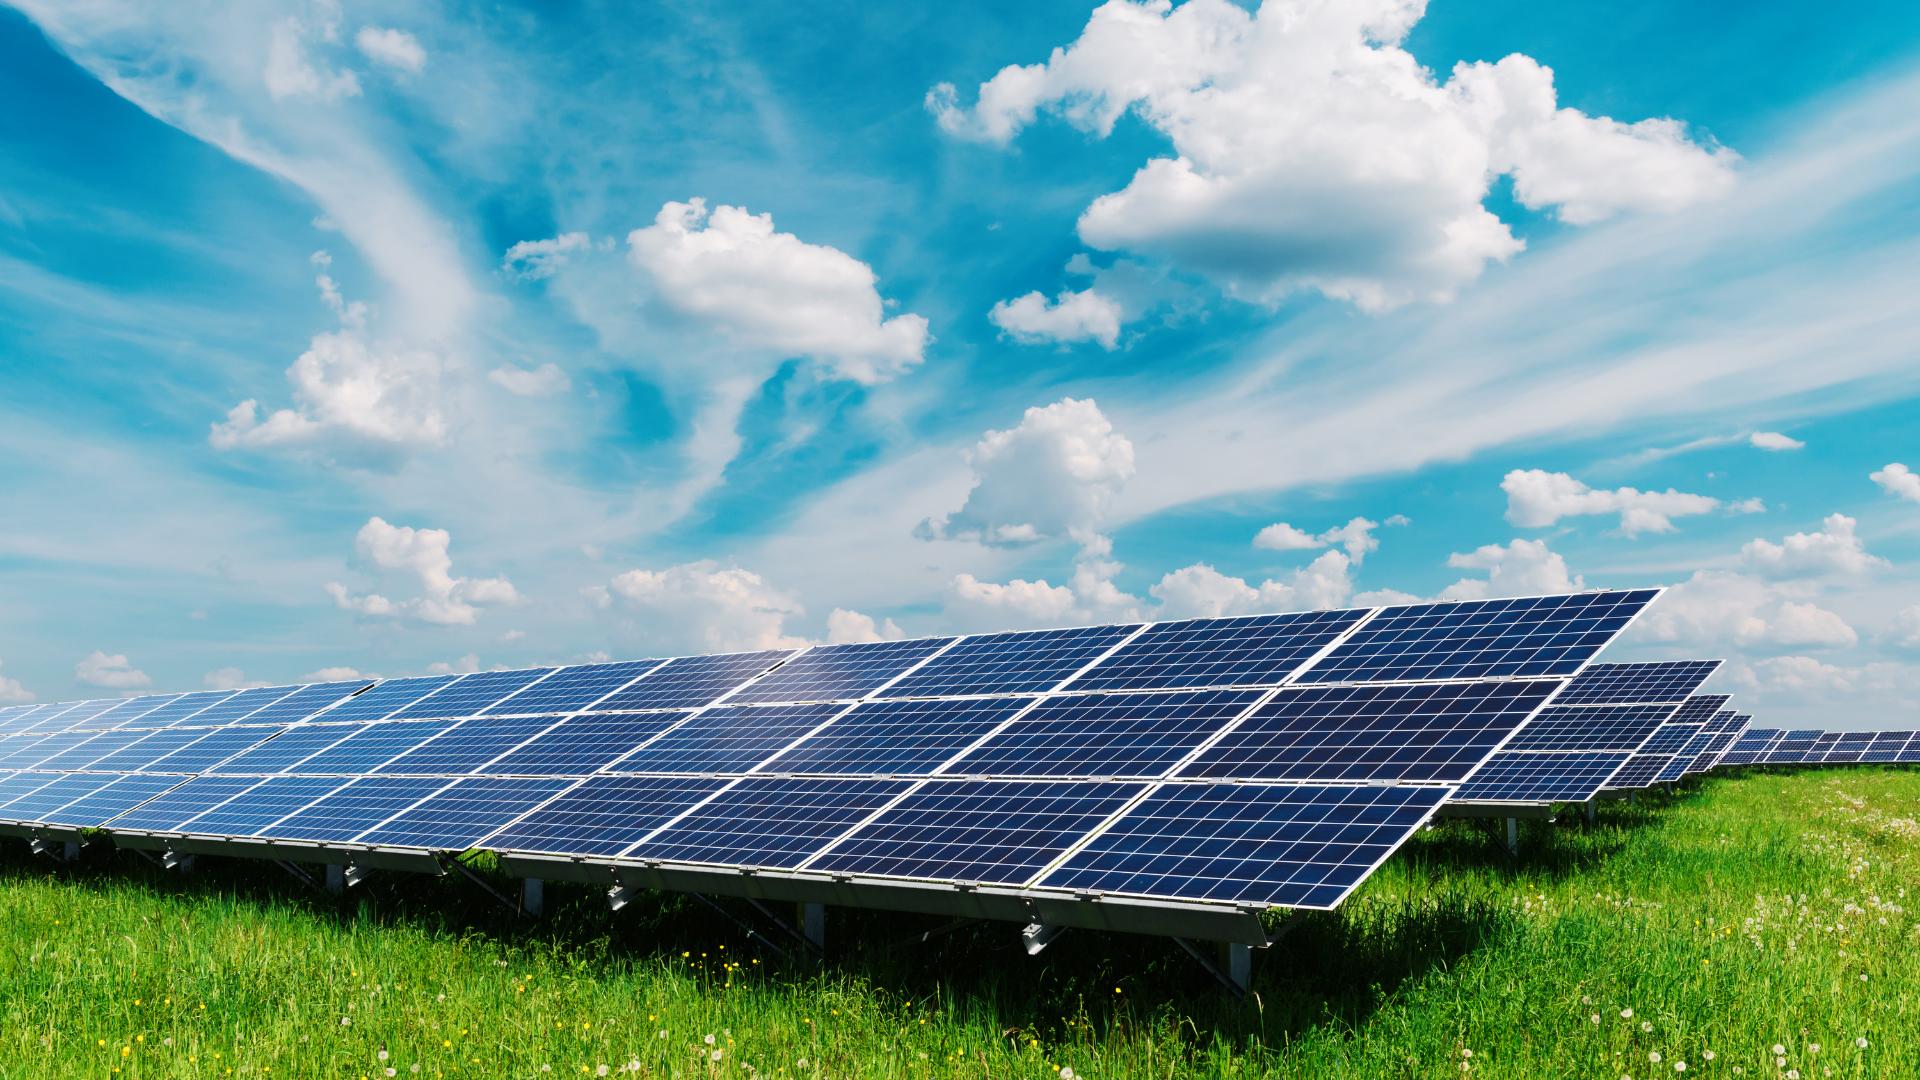 F.E.R. – SOLARE TERMICO: Formazione obbligatoria per installatore e manutentore di impianti energetici alimentati da fonti rinnovabili